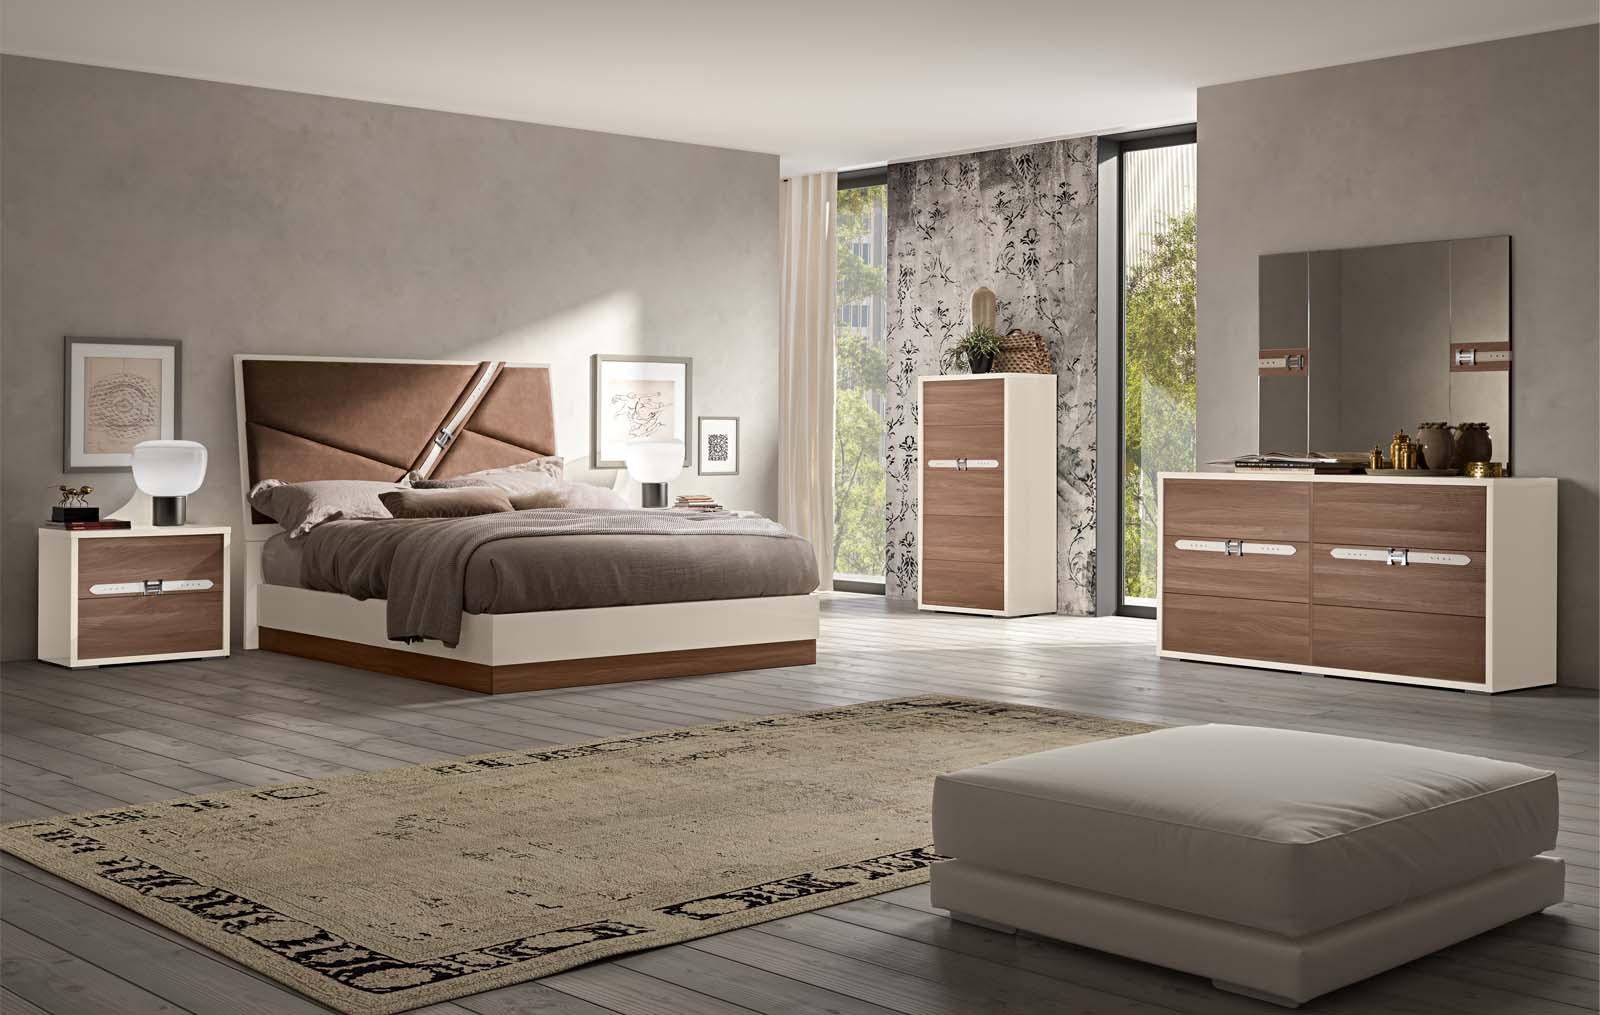 Evolution Bedroom Set by ESF